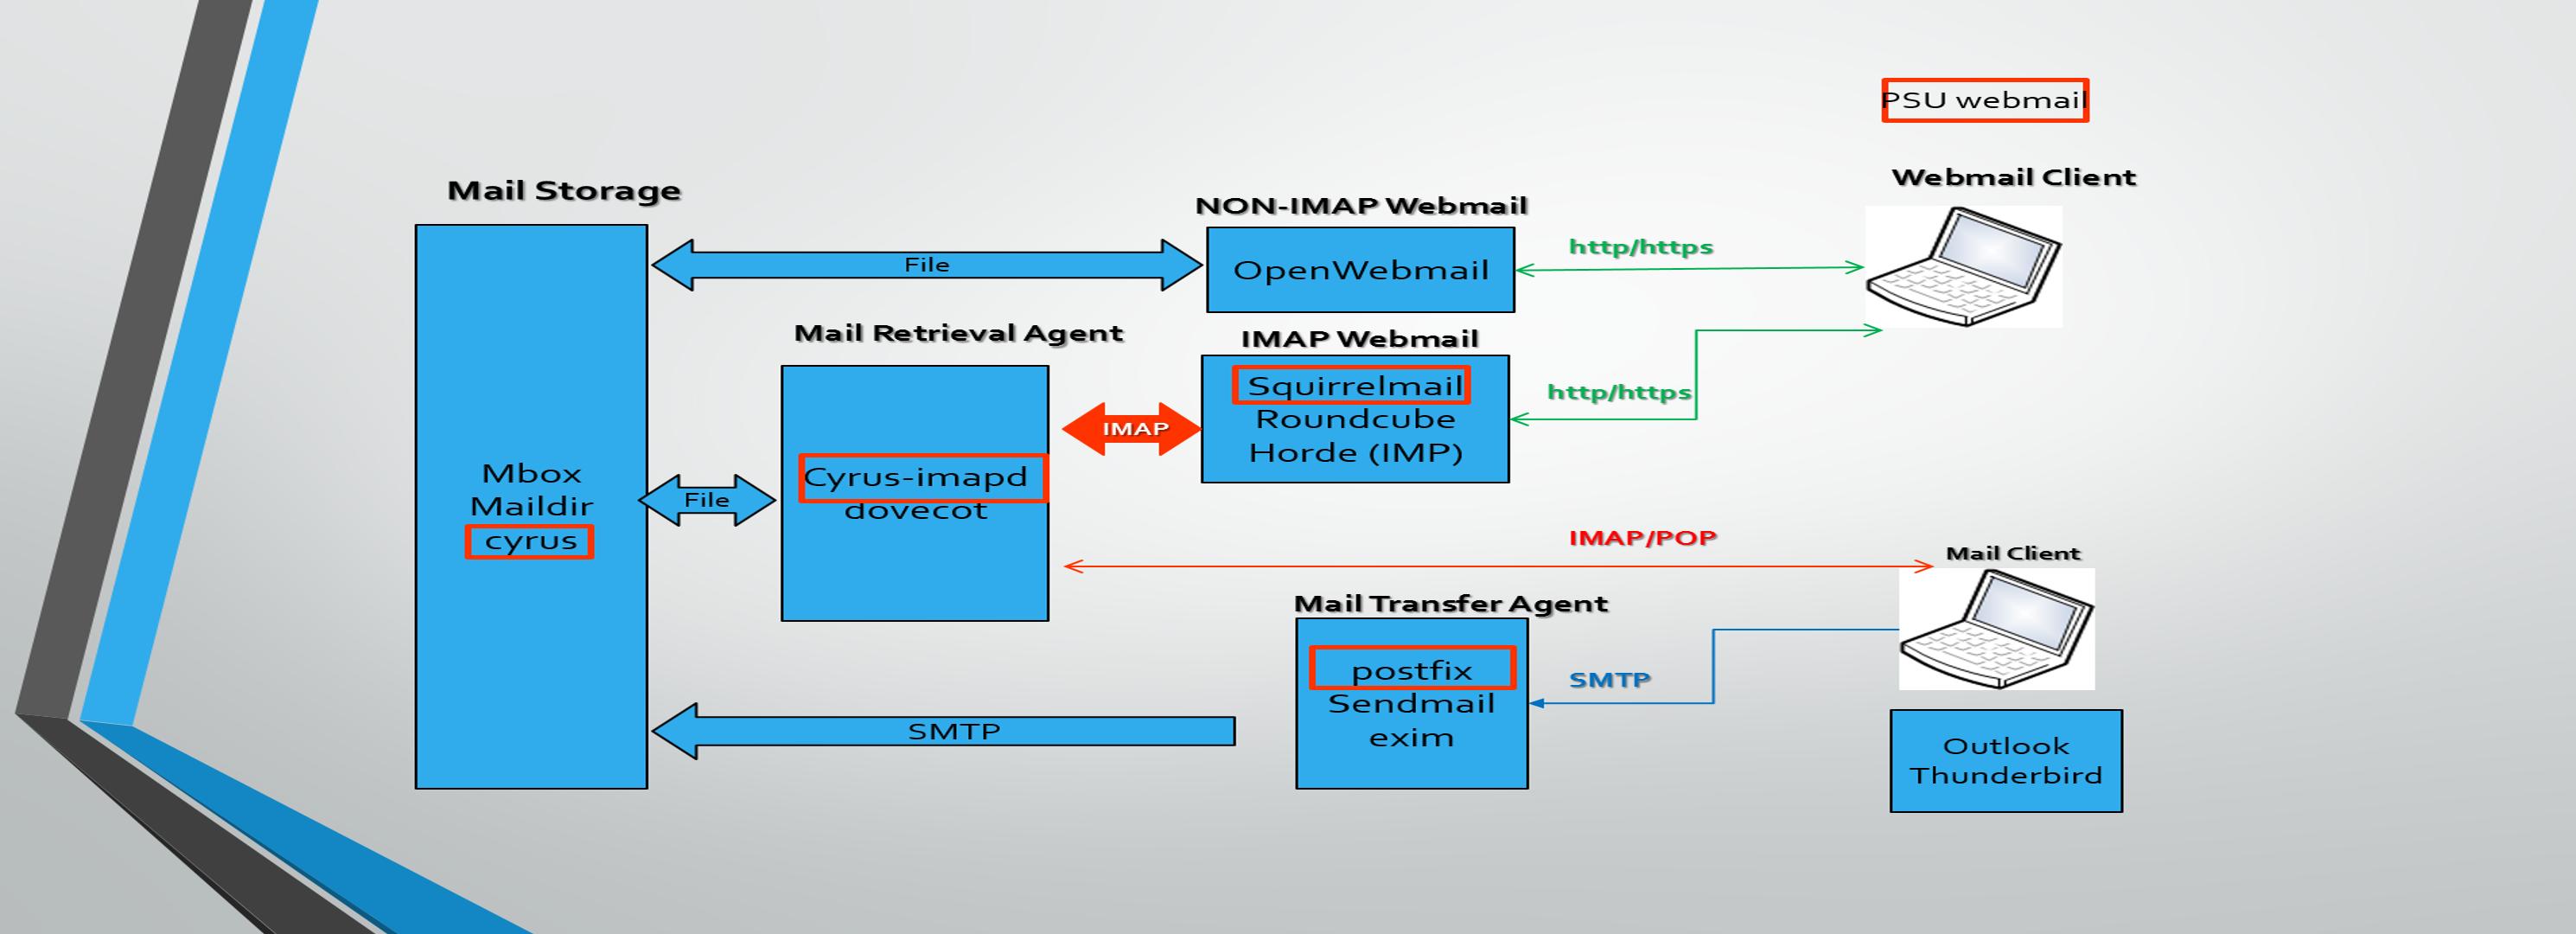 mailsystem-infrastructor